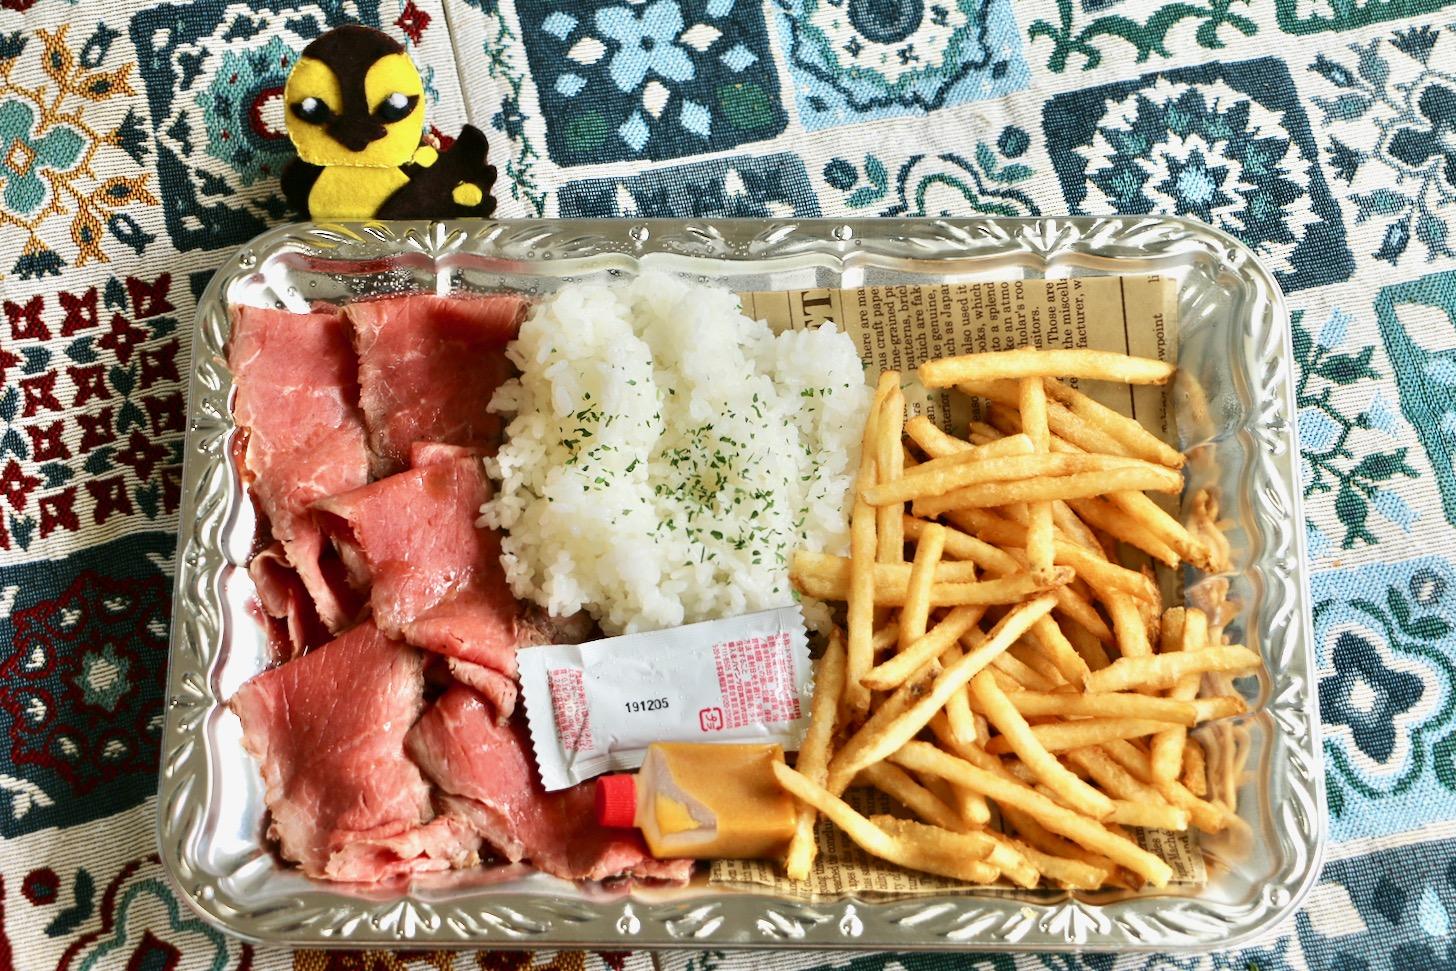 熟成肉LAB ダ・ブッチャーズ 多摩センター店のローストビーフとカモゴロー